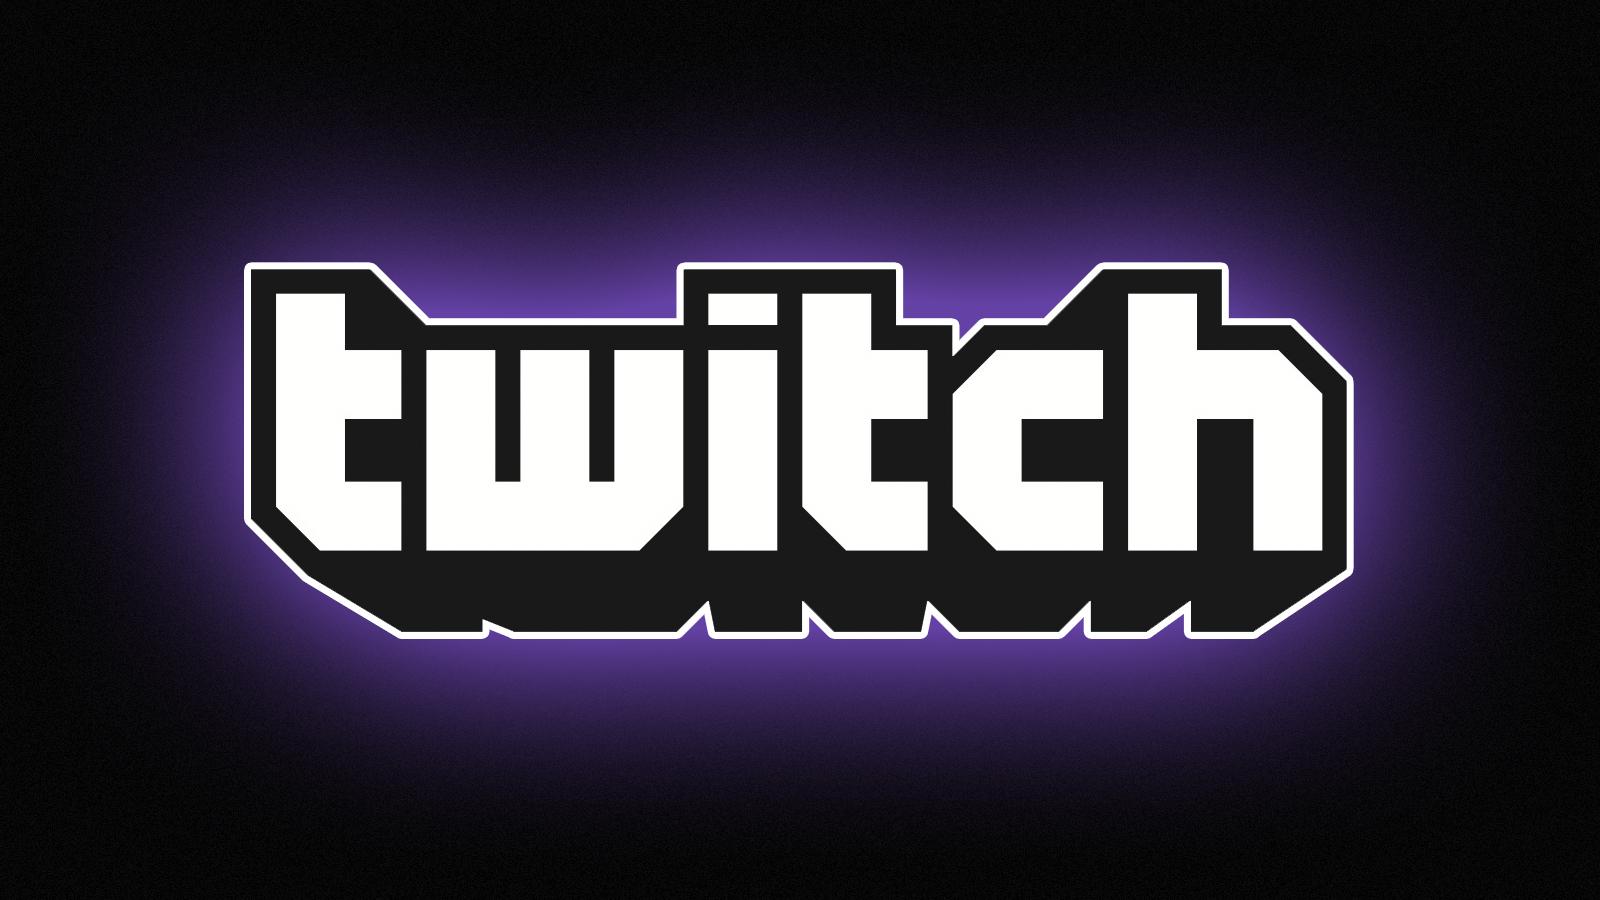 Игры для iOS скоро можно будет транслировать в Twitch